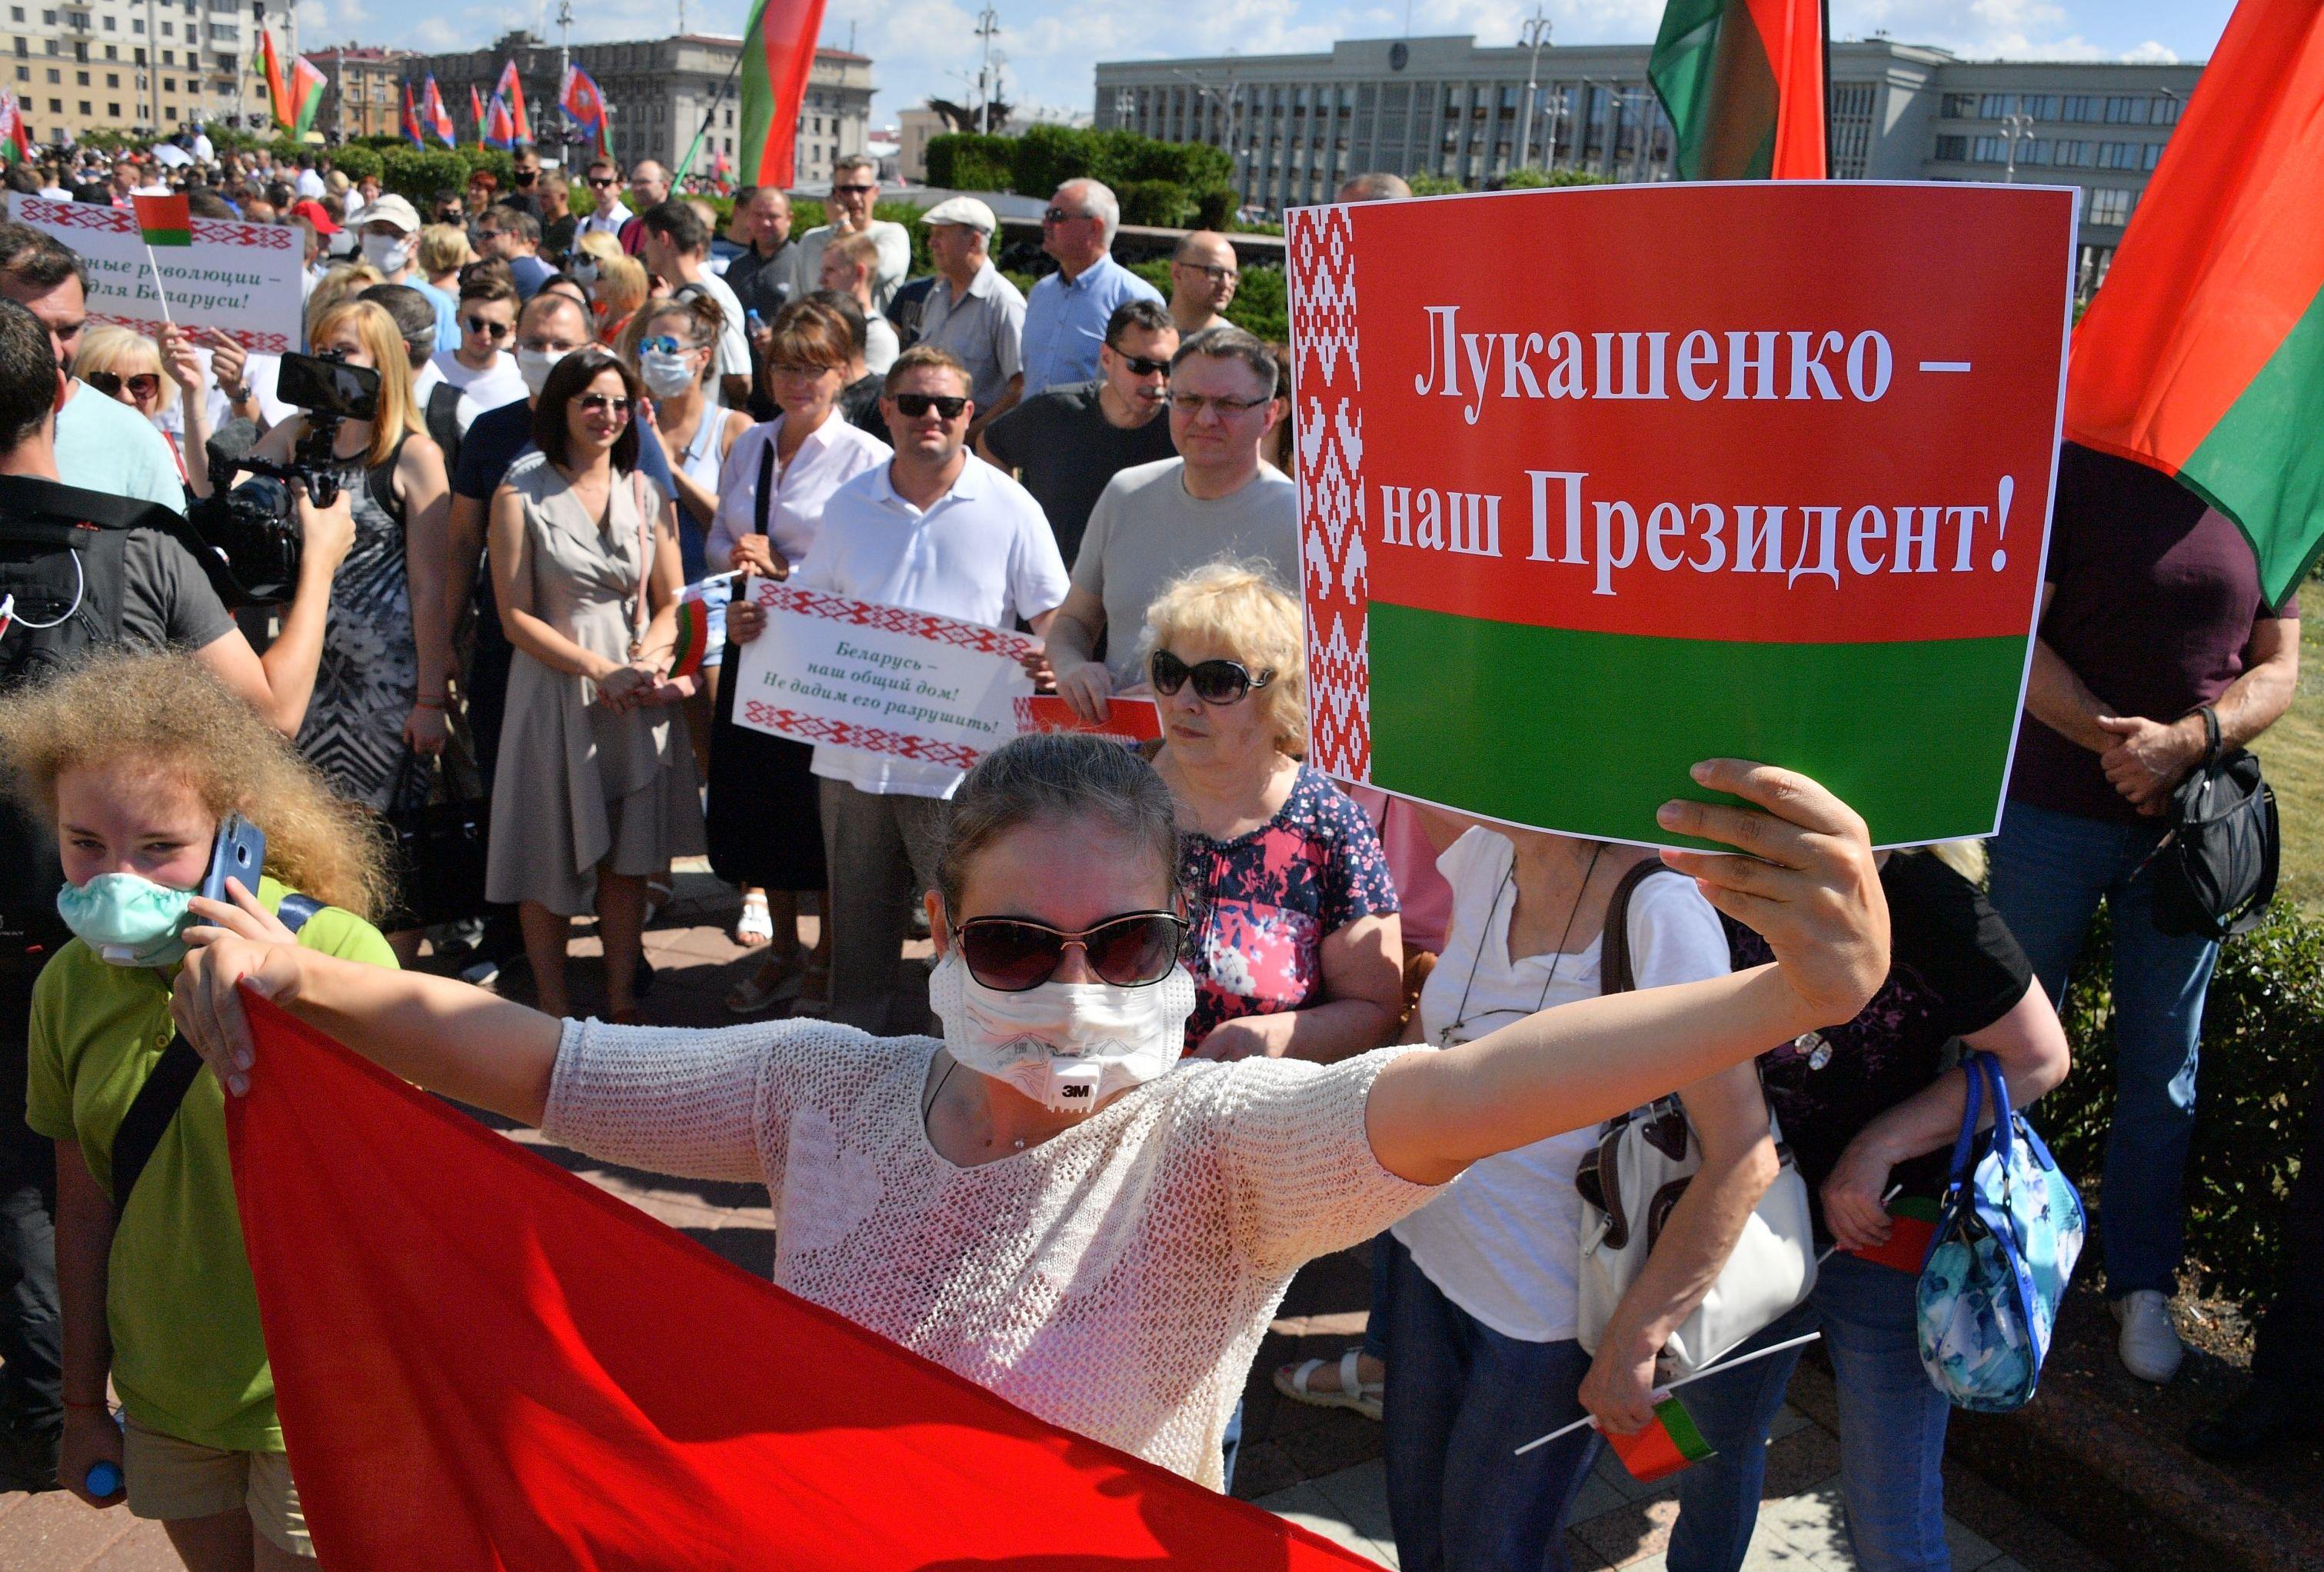 Участники митинга на площади Независимости в Минске в поддержку действующего президента Белоруссии Александра Лукашенко, 16 августа 2020